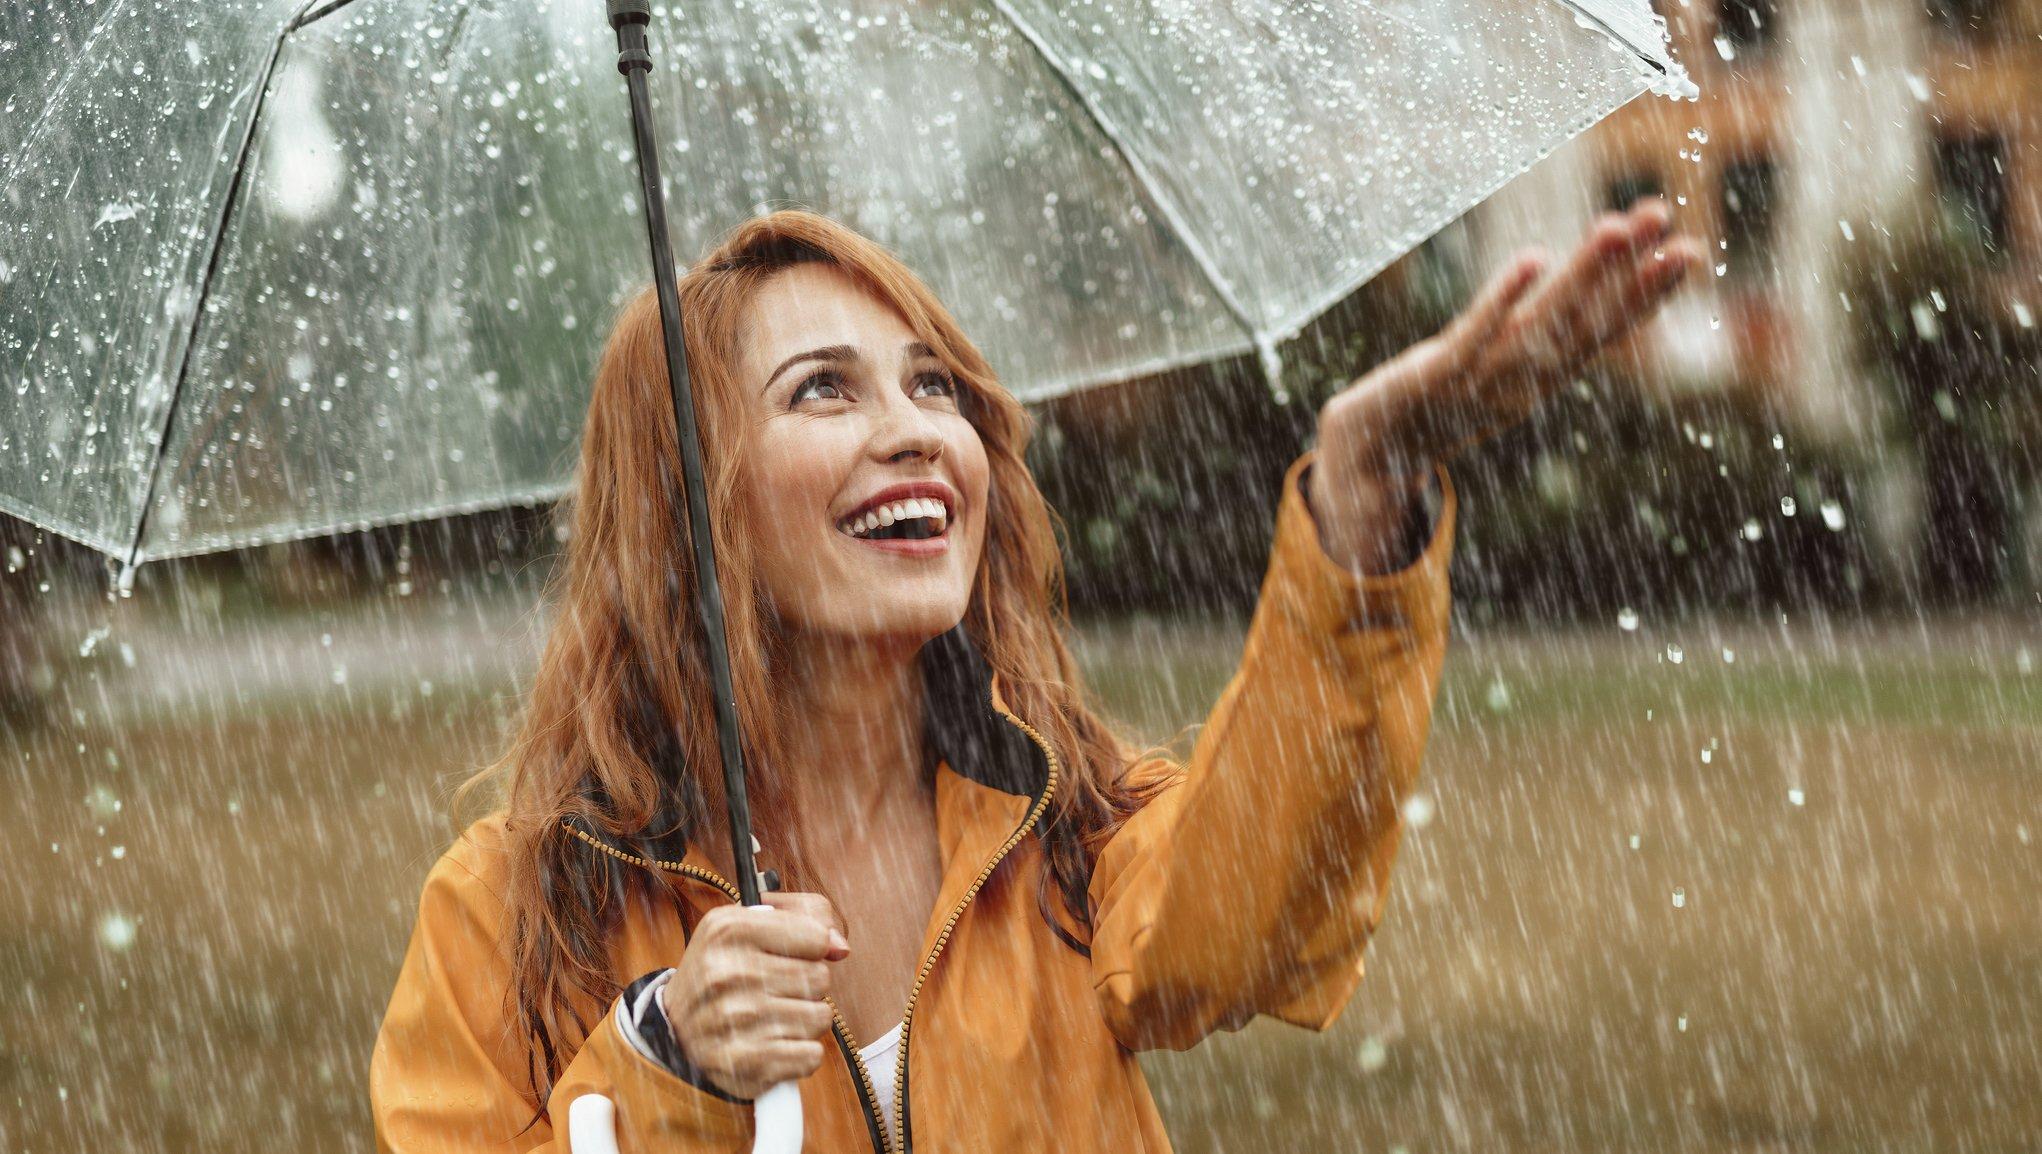 Kvinna skyddad mot regnet